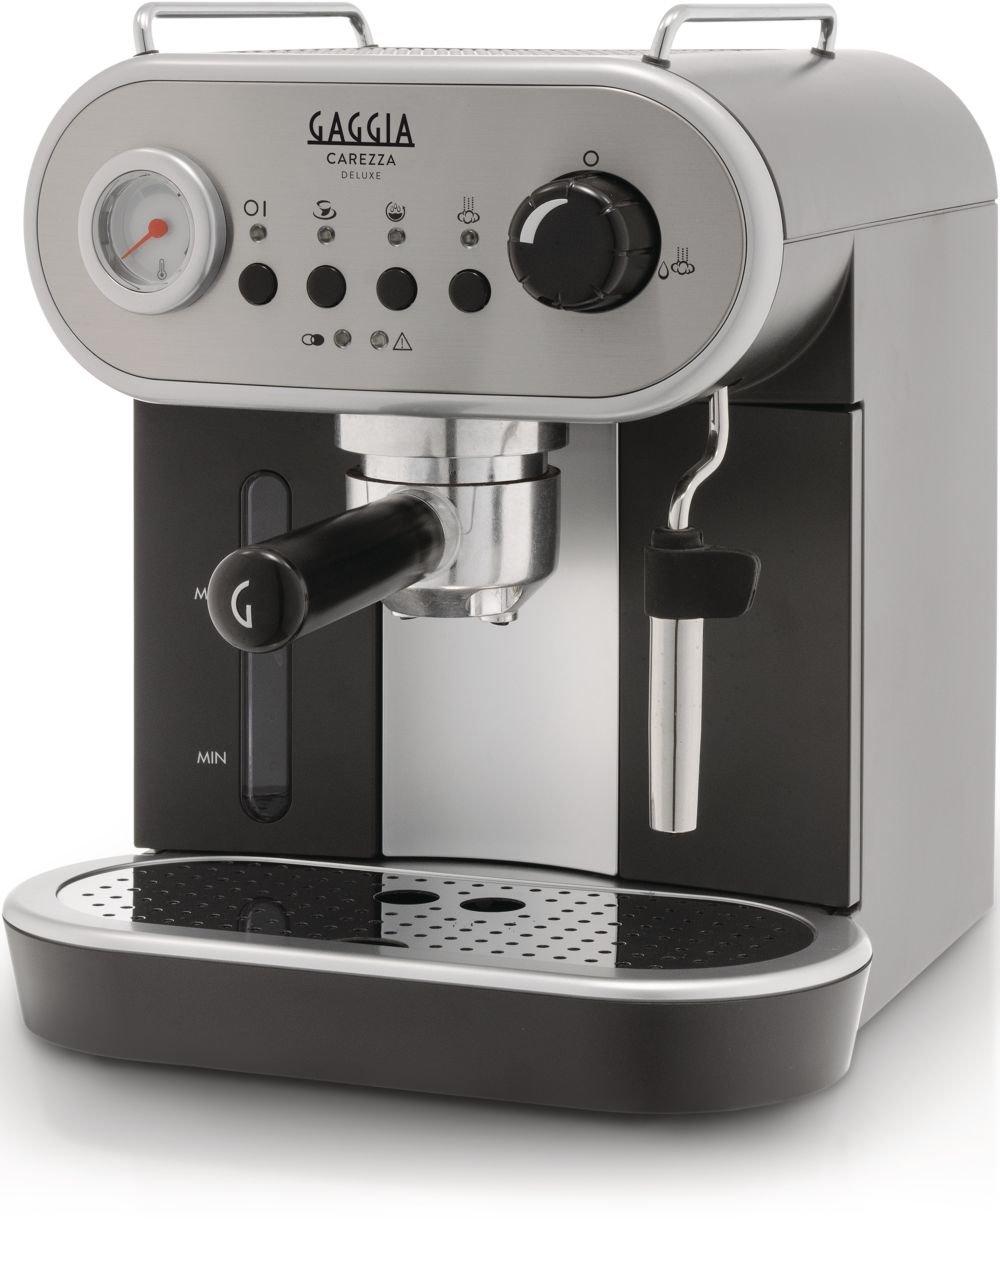 Gaggia Carezza Deluxe Espresso coffee Machine - RI8525/08